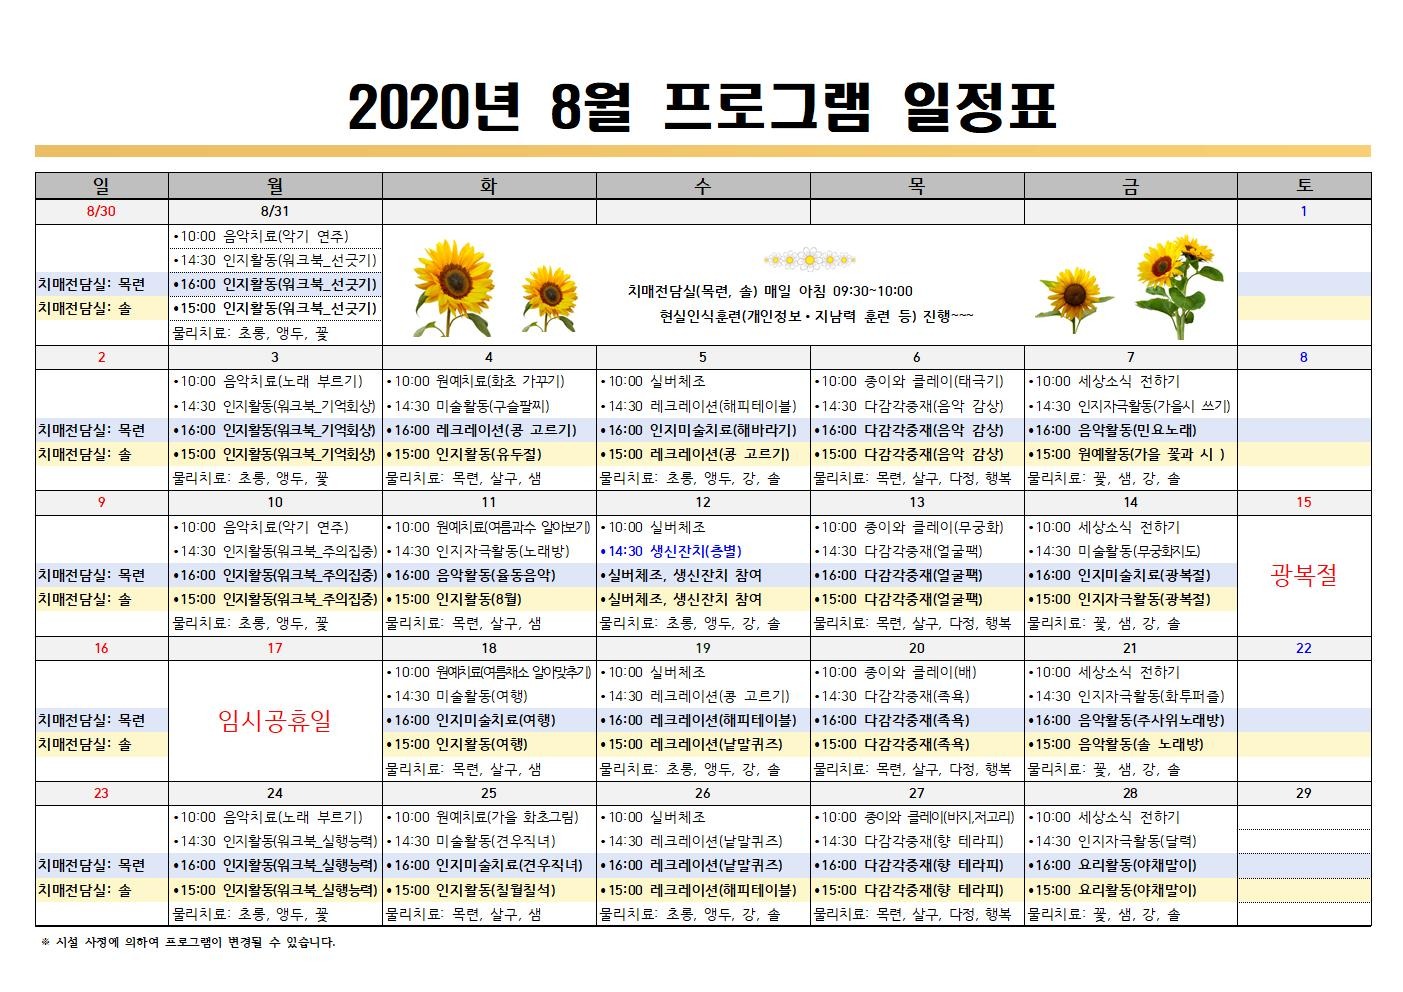 2020년 8월 프로그램 일정표(치매전담실포함)001.jpg 이미지입니다.